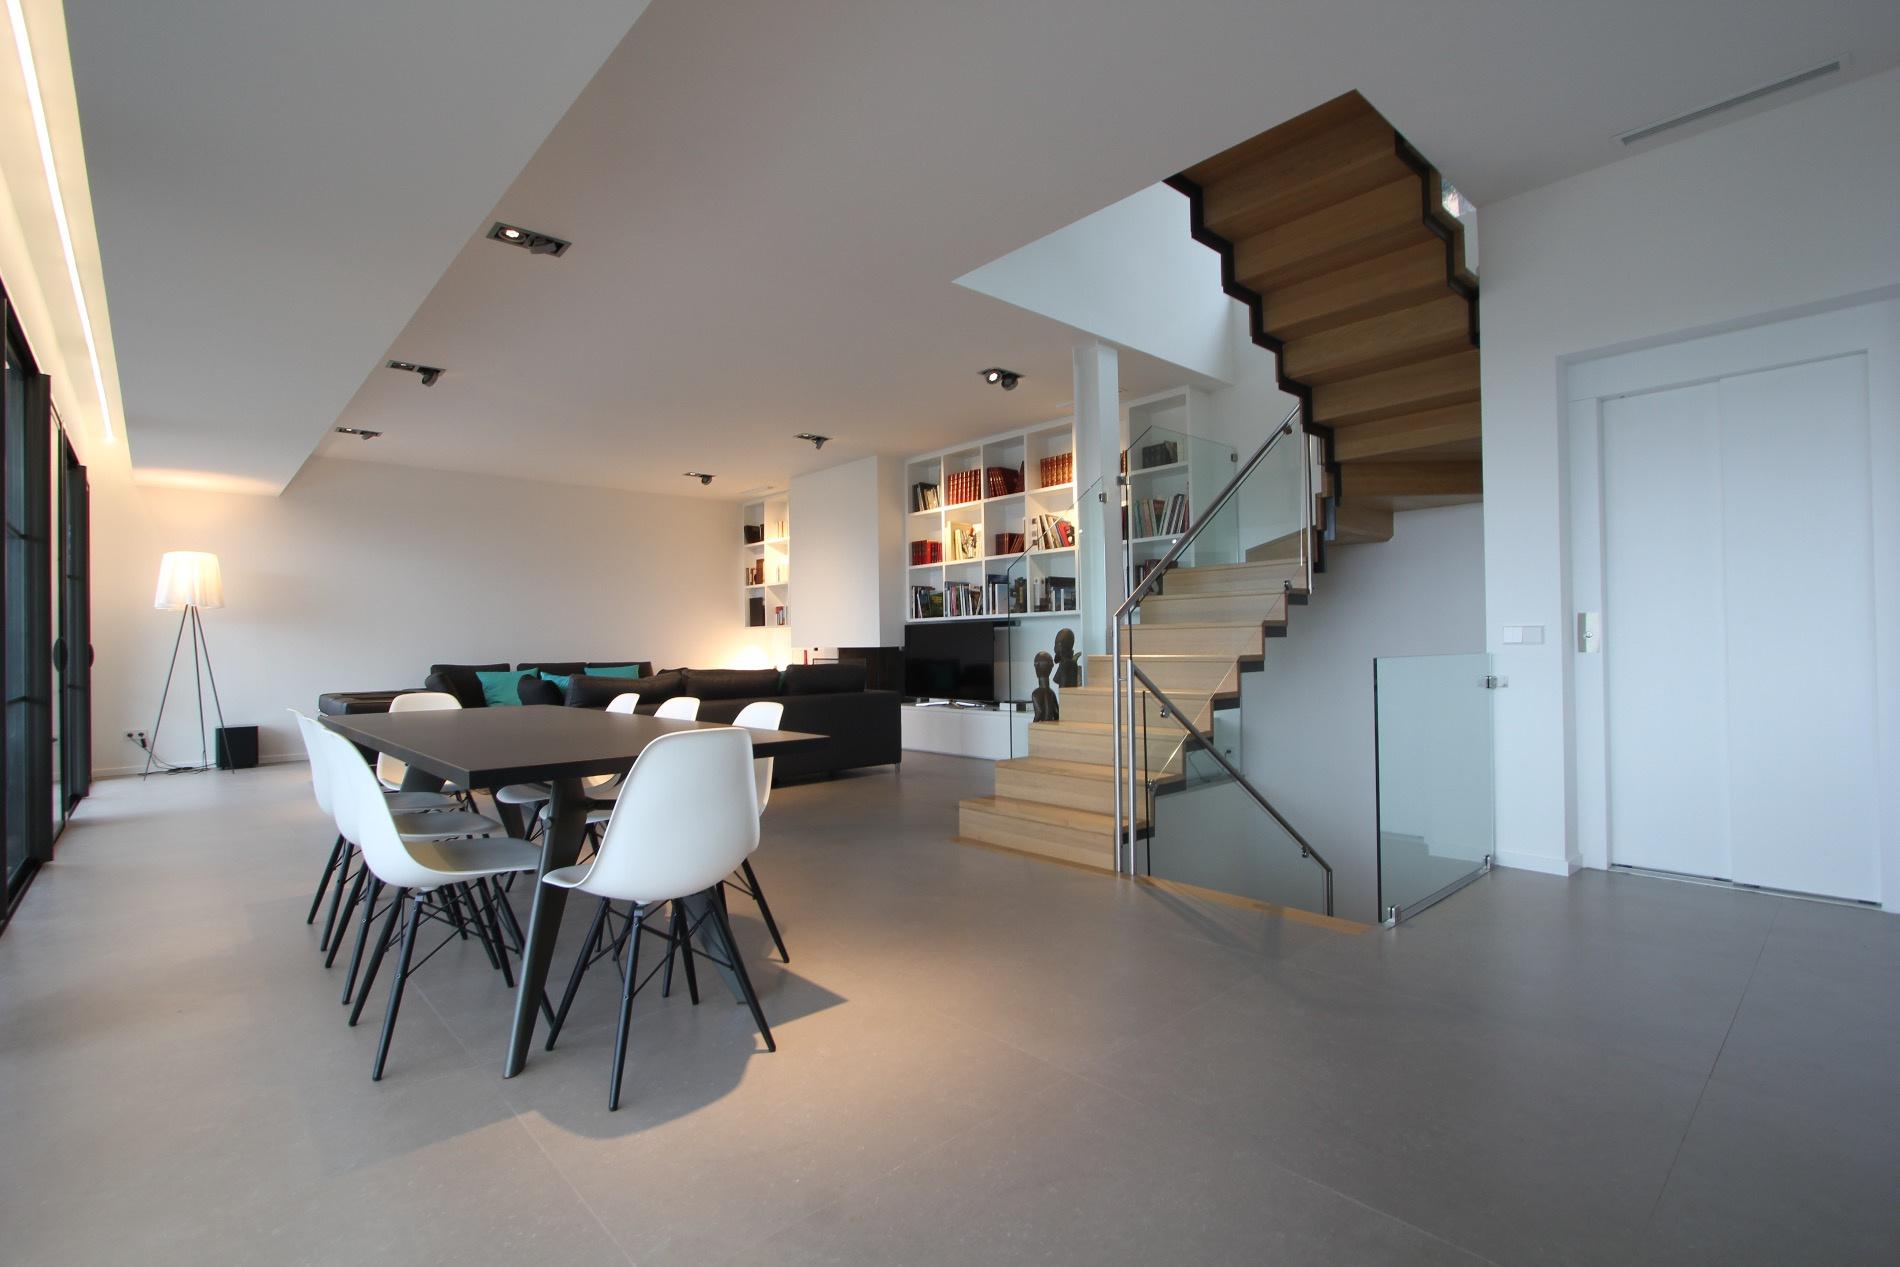 vente toulouse marengo maison t5 148 m garage